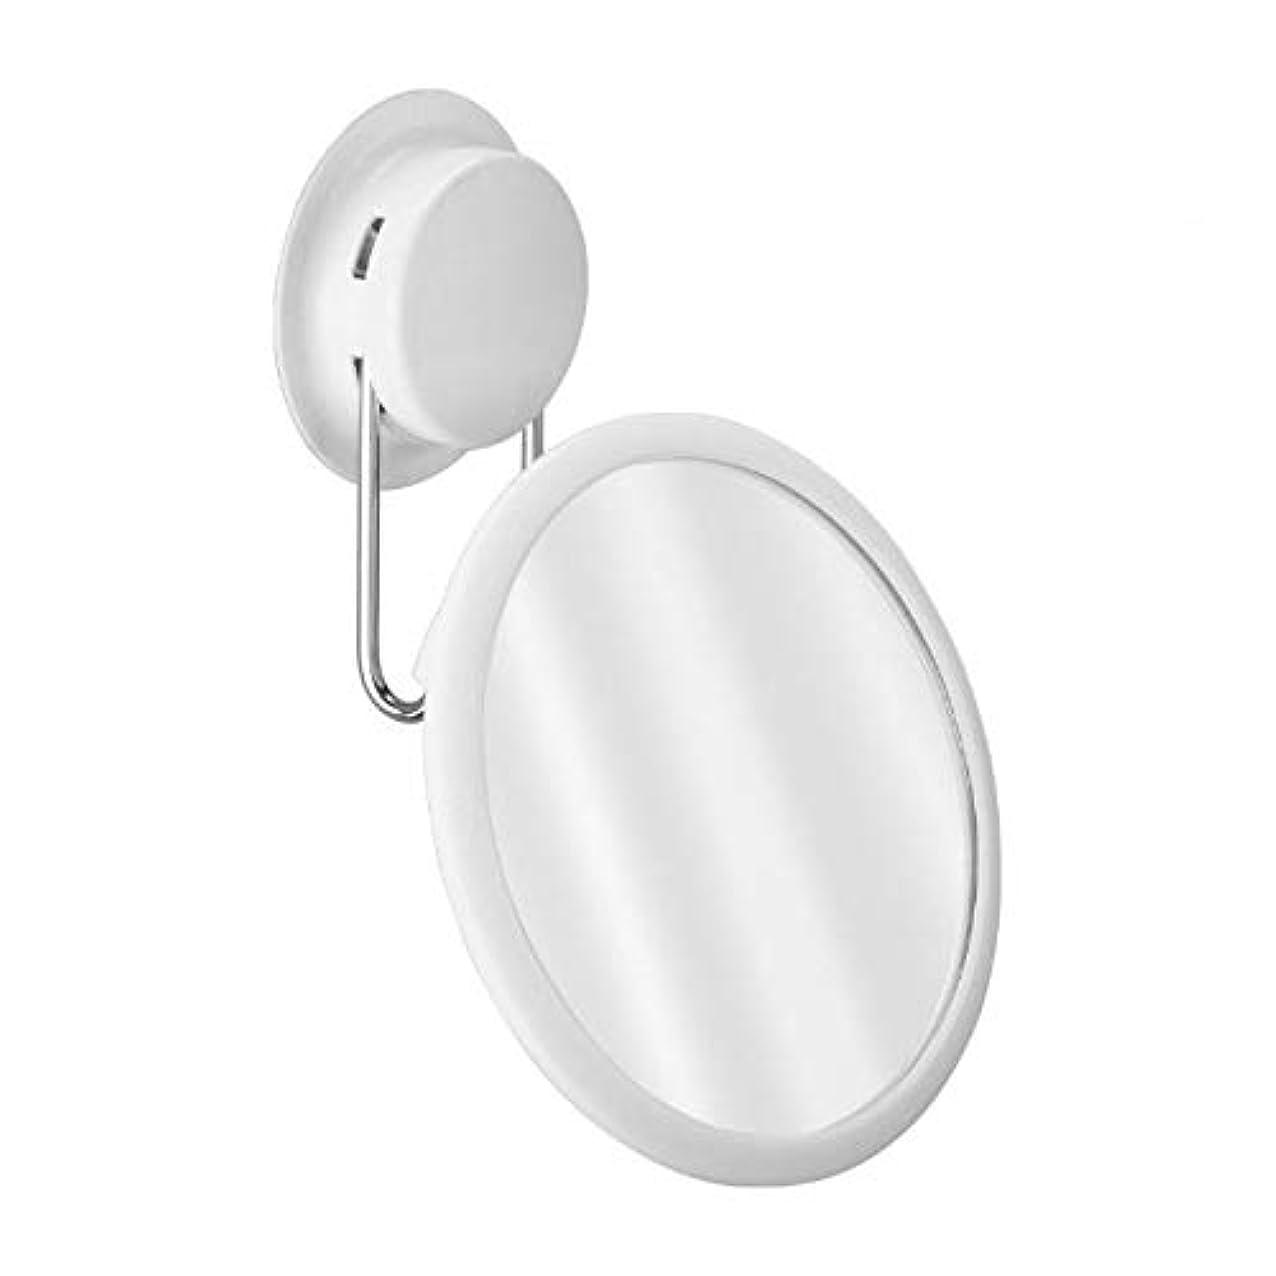 ピニオンマット連帯化粧鏡、強力な吸盤ラック無料パンチ浴室洗面化粧台ミラー化粧ギフト